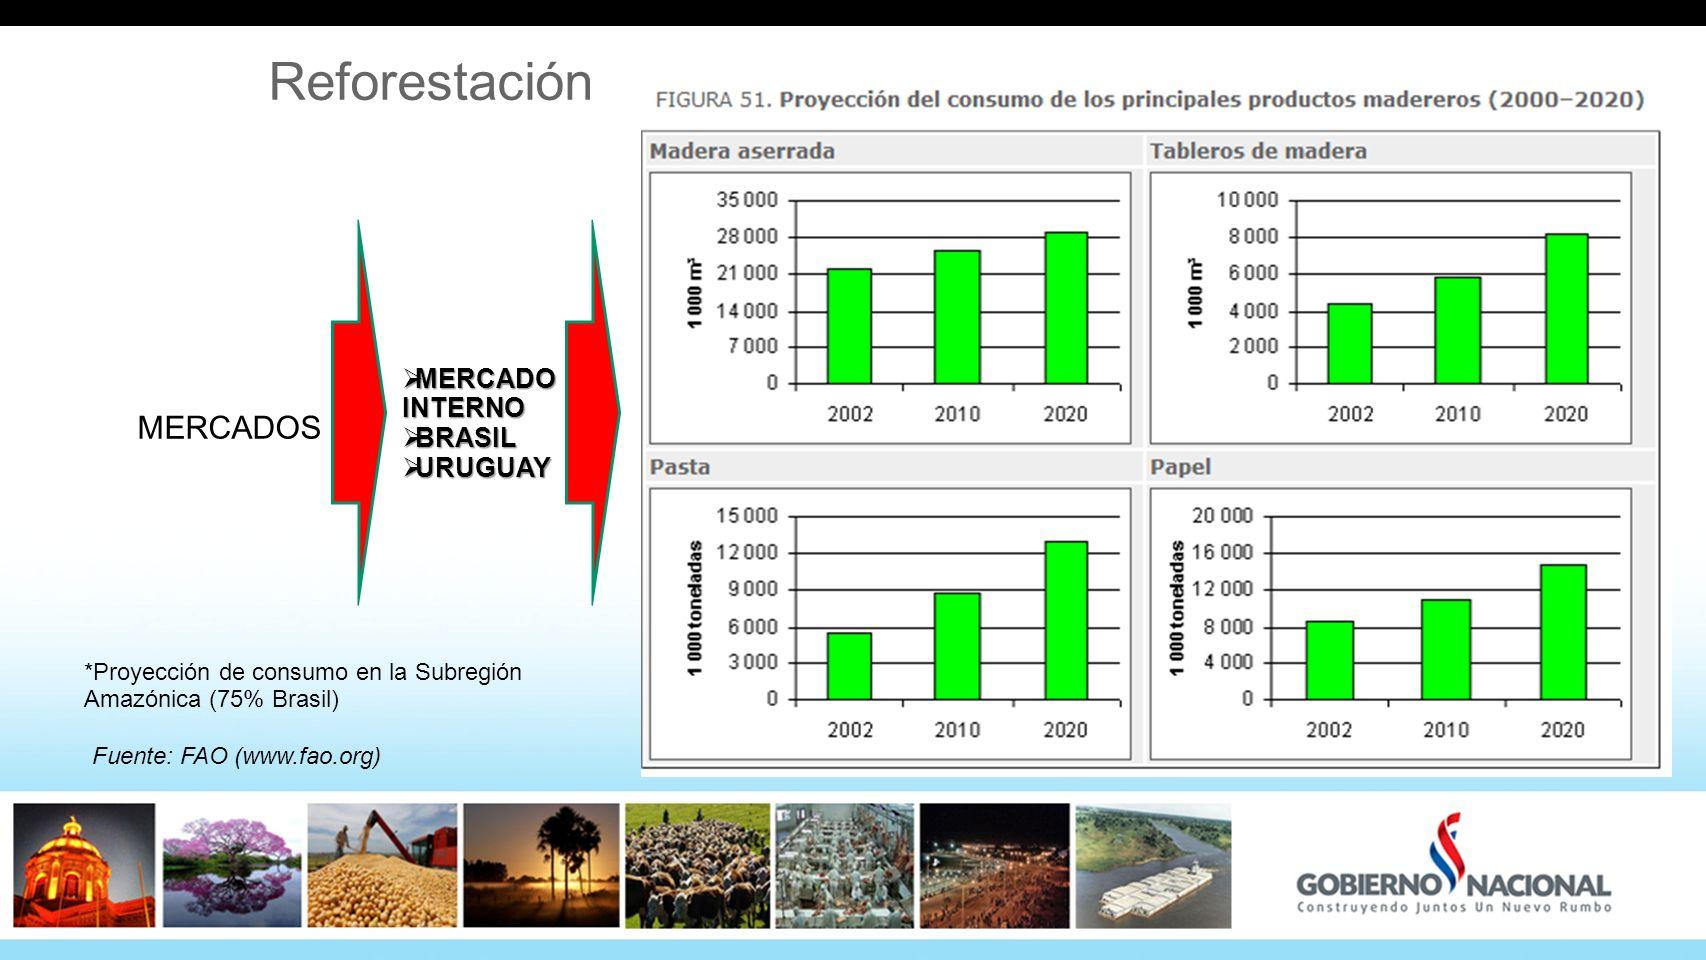 Reforestación MERCADO INTERNO MERCADO INTERNO BRASIL BRASIL URUGUAY URUGUAY MERCADOS Fuente: FAO (www.fao.org) *Proyección de consumo en la Subregión